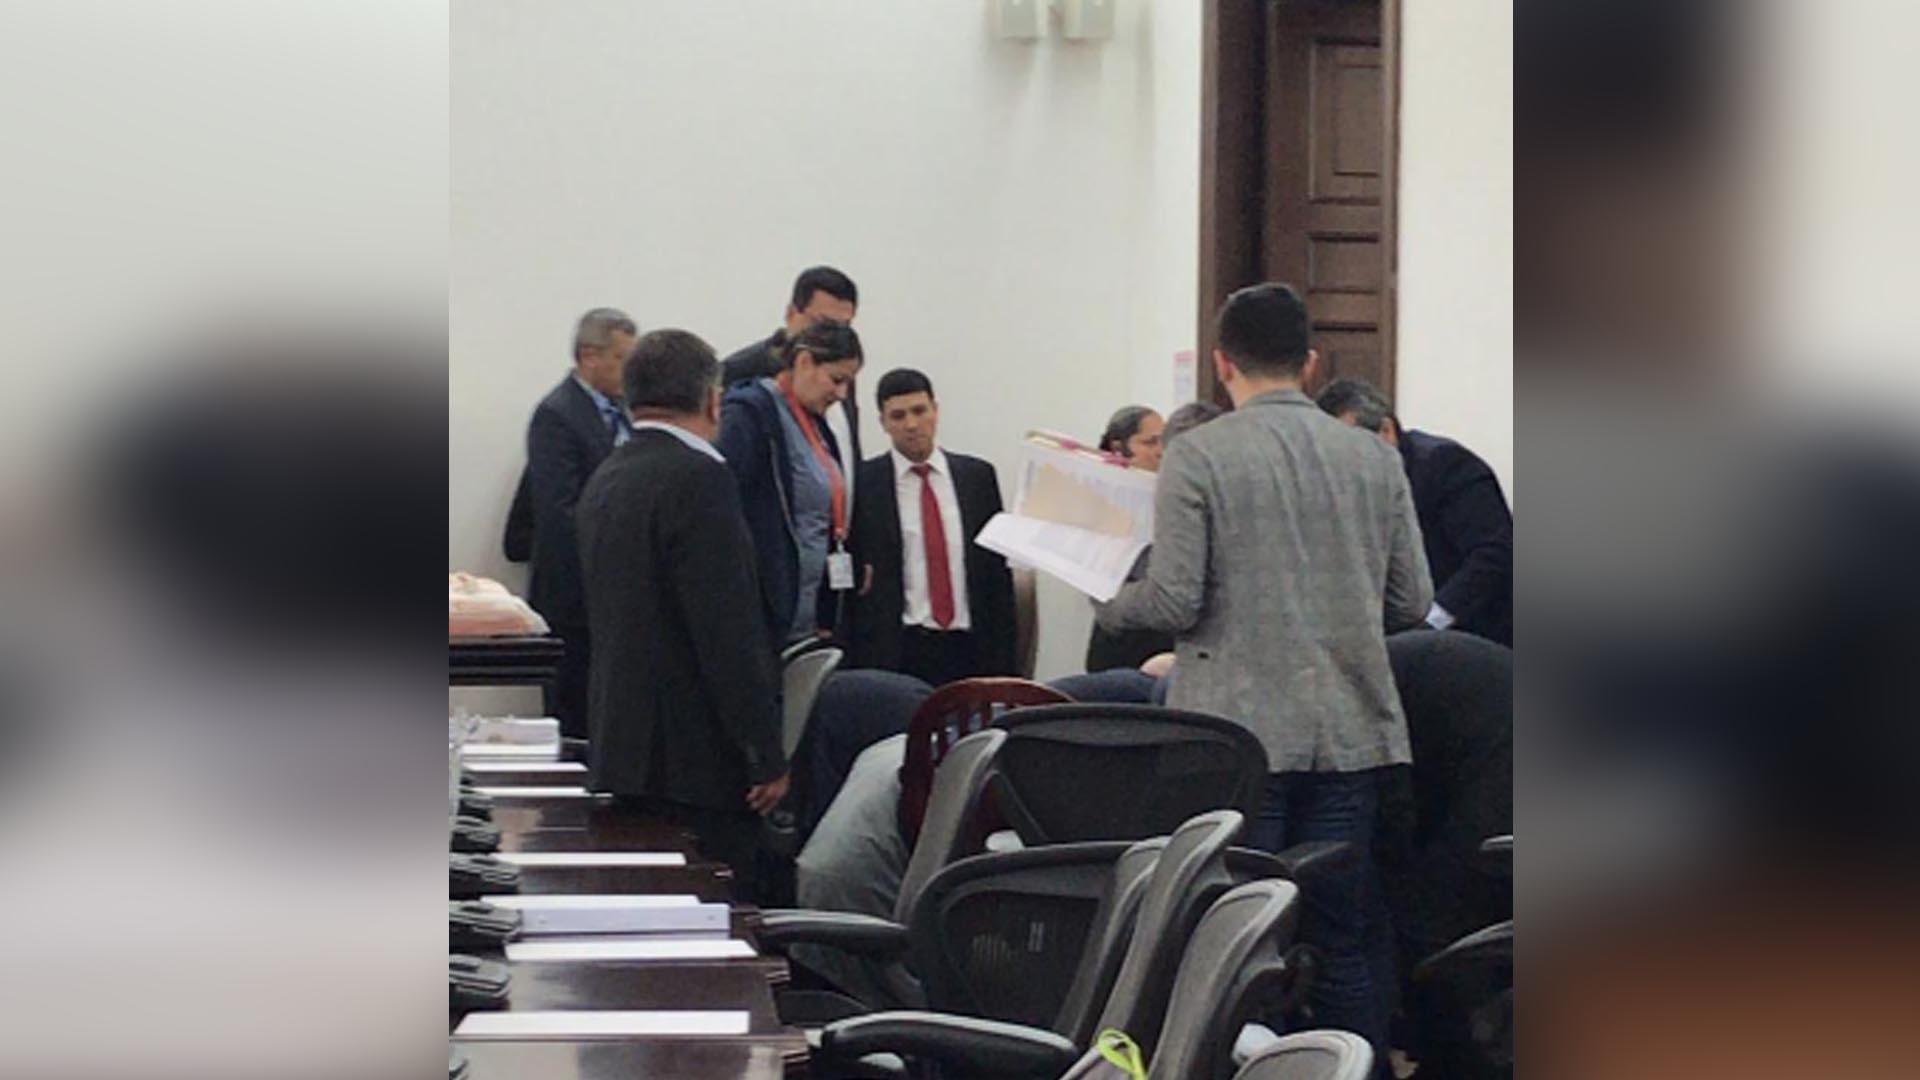 Momento en que el senador José Obdulio Gaviria es atendido por sus colegas tras desplomarme de manera repentina.